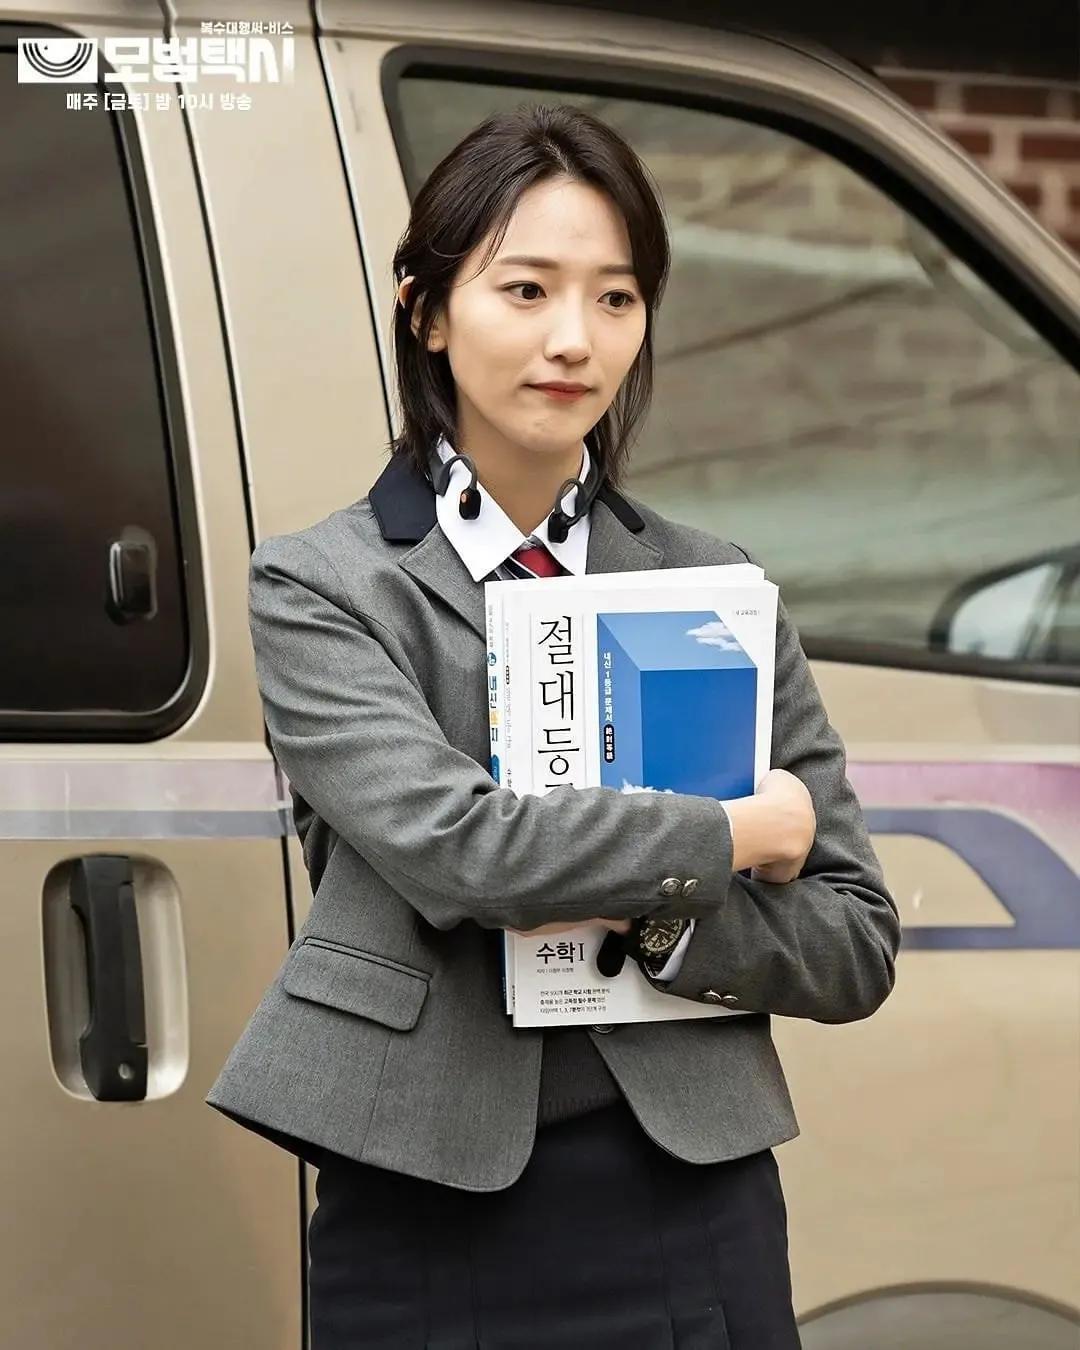 韩剧《模范出租车/모범택시》全集高清资源 百度云下载图片 第2张